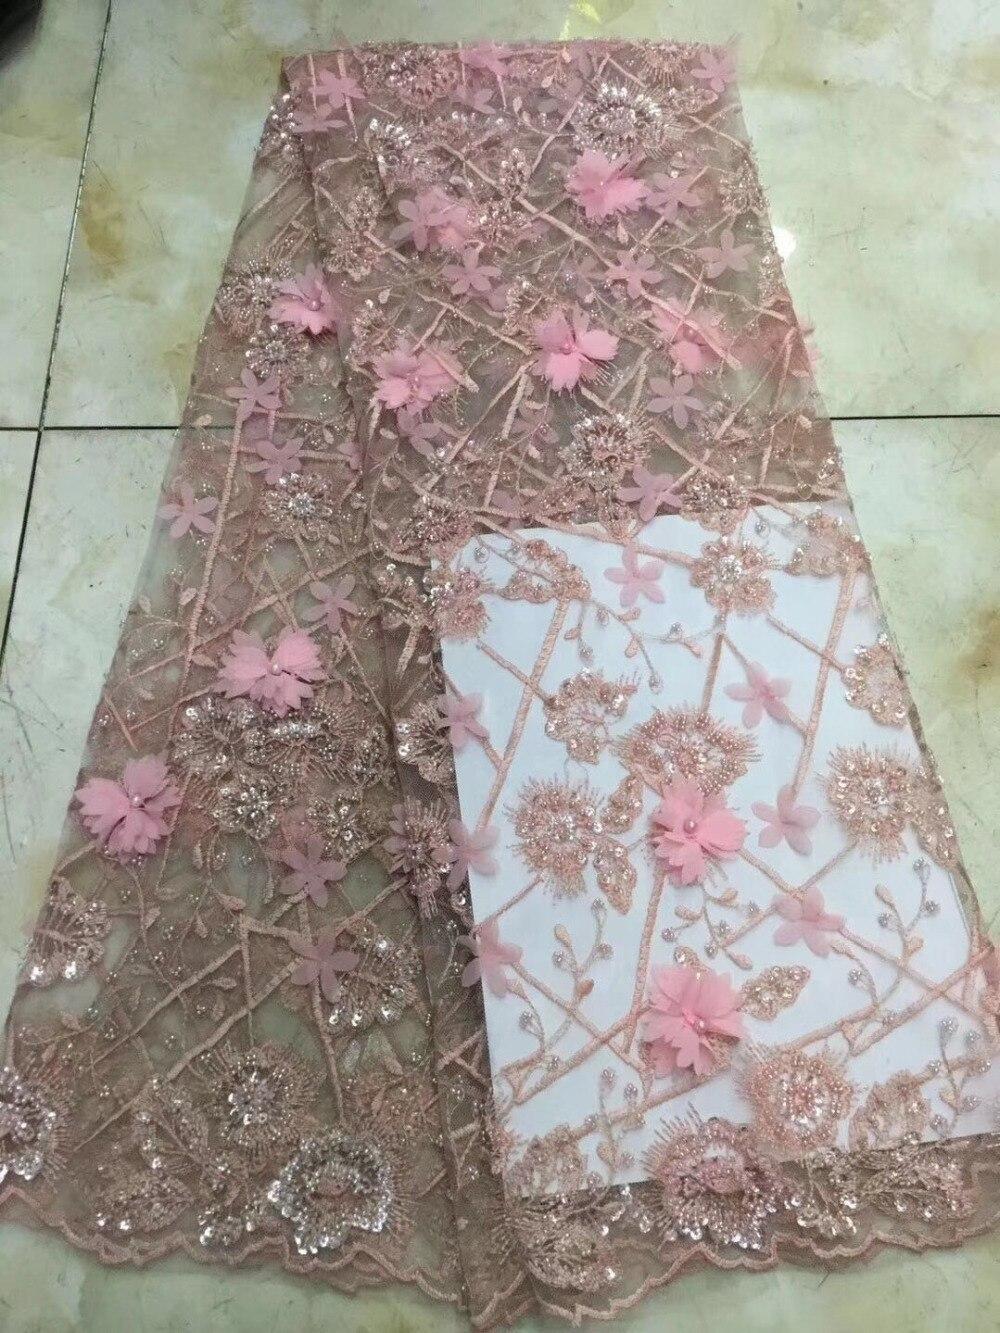 Couleur rose de luxe mariée français dentelle tissu élégant 3D fleur broderie travail manuel perle perlée dentelle Applique dentelle pour robe AFF